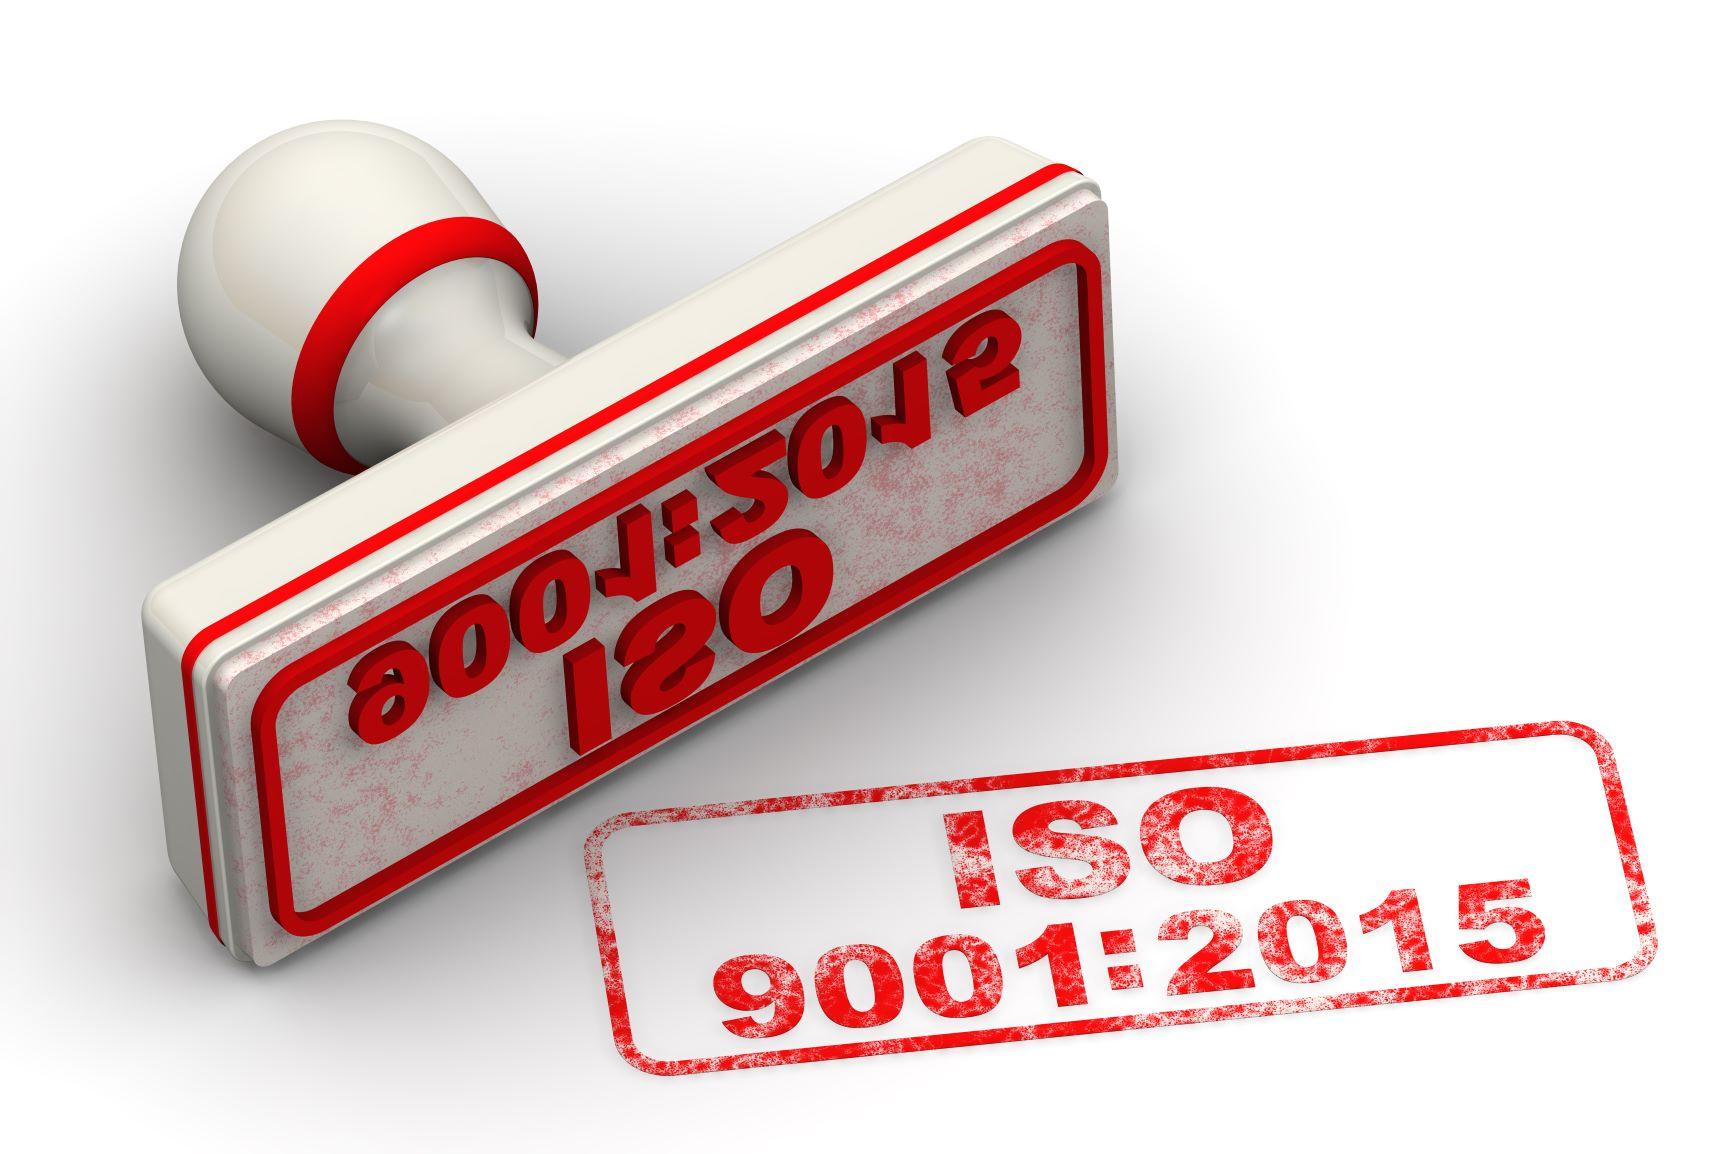 Риад Ибрагимов, сертификат ISO, международная сертификация, национальная сертификация